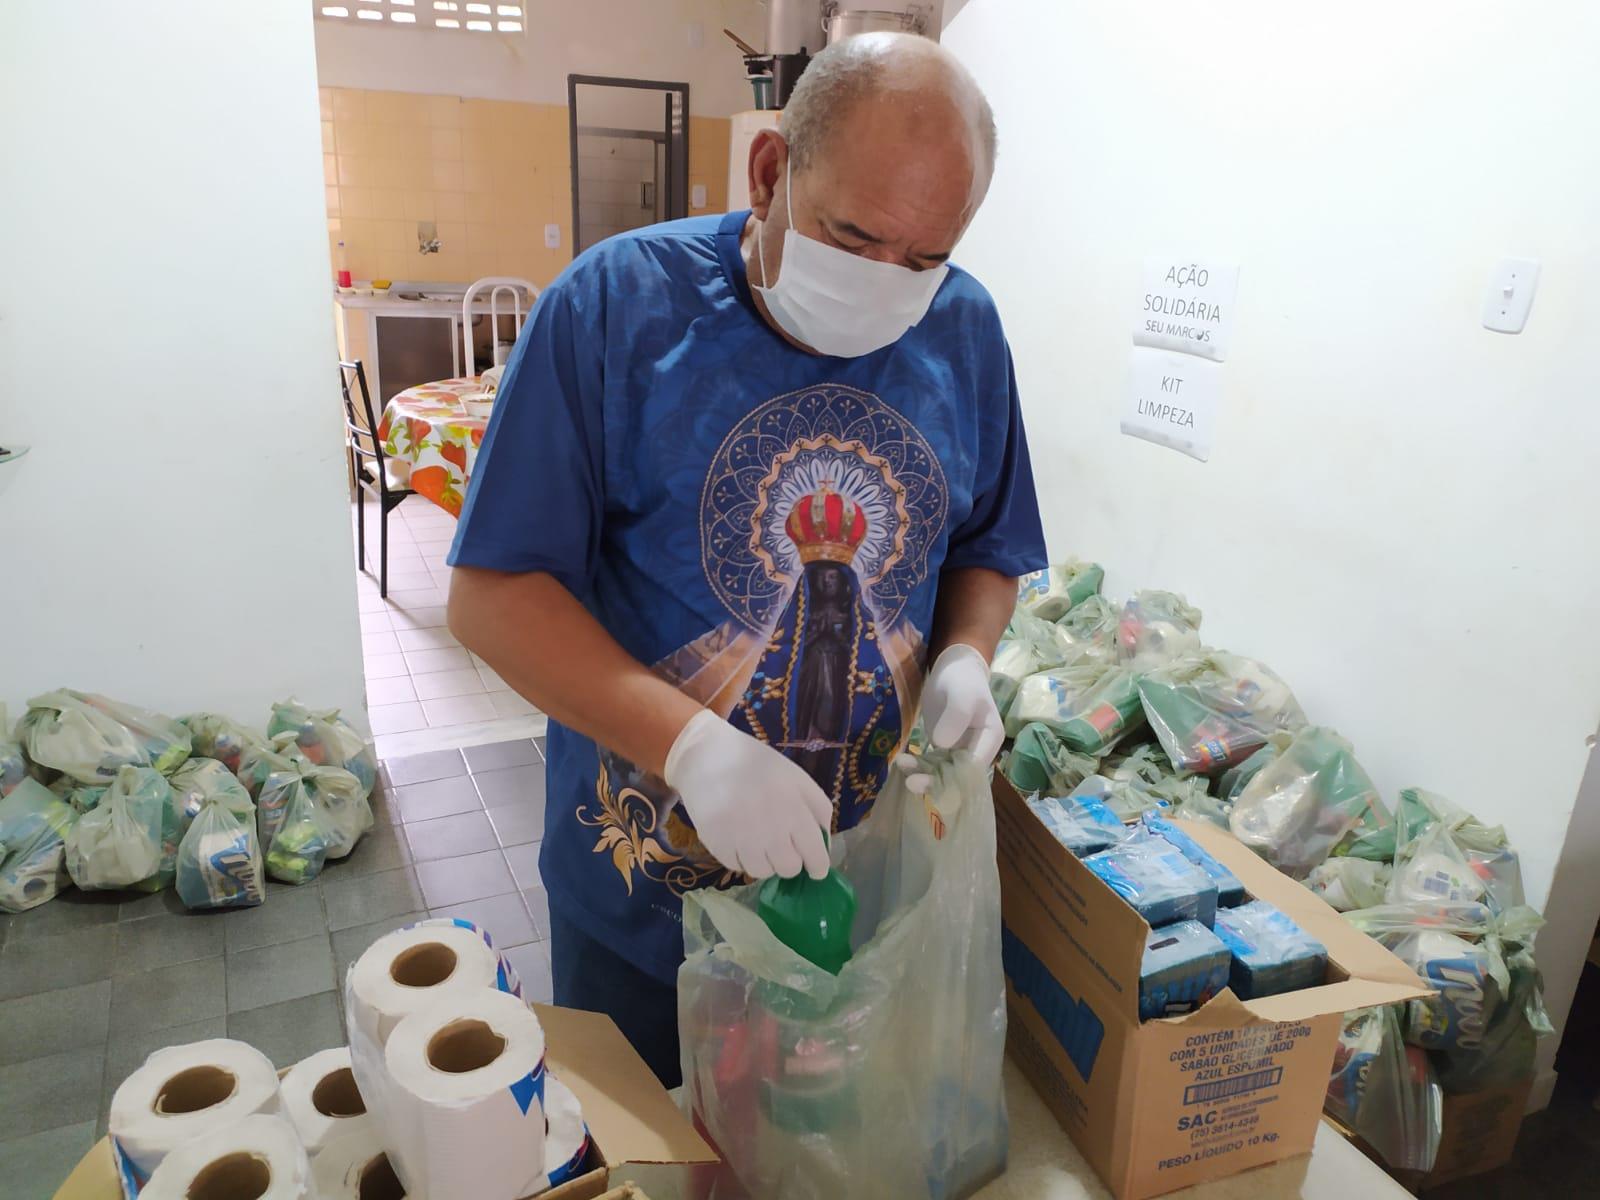 Coronavírus: Seu Marcos prepara kits de produtos de limpeza para famílias carentes da zona norte